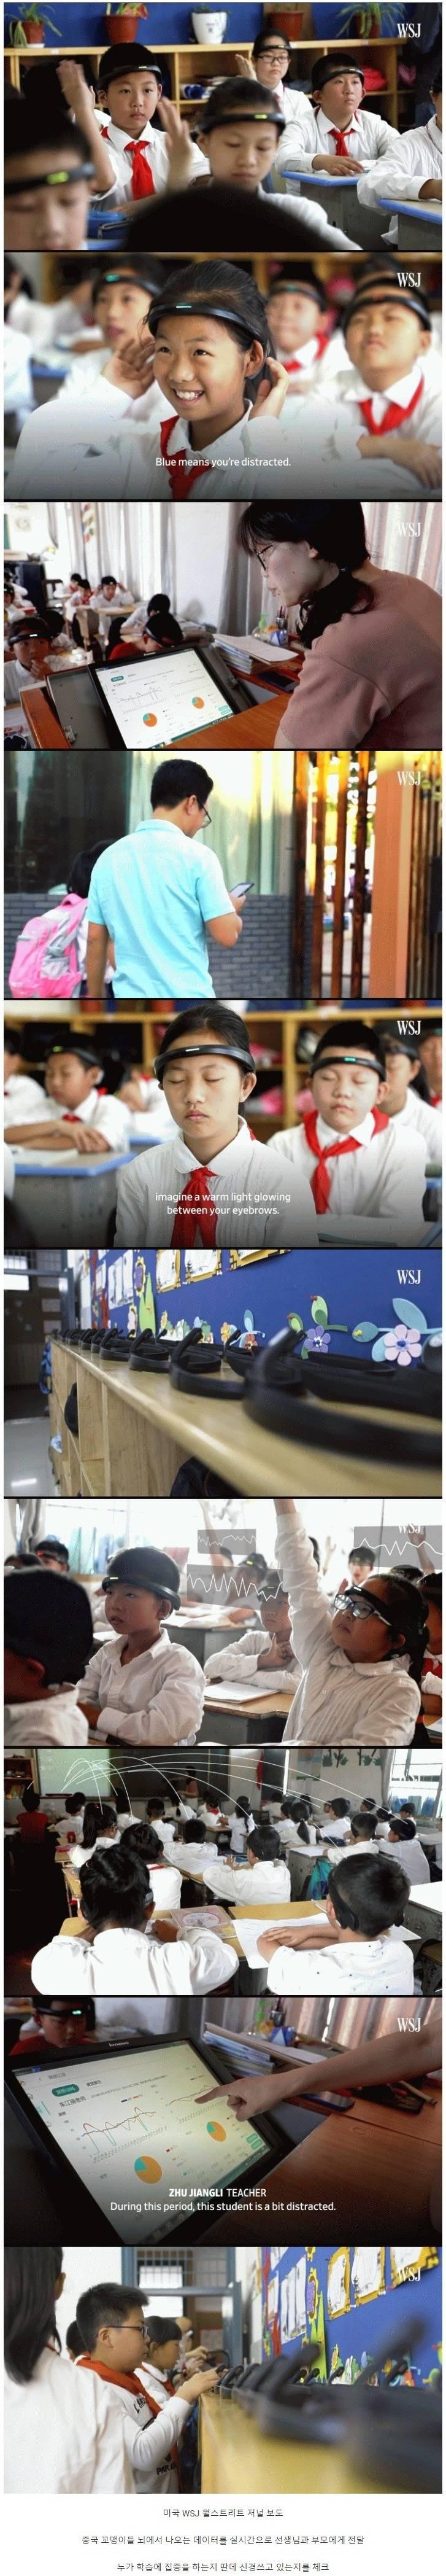 중국 초딩 교실 상황